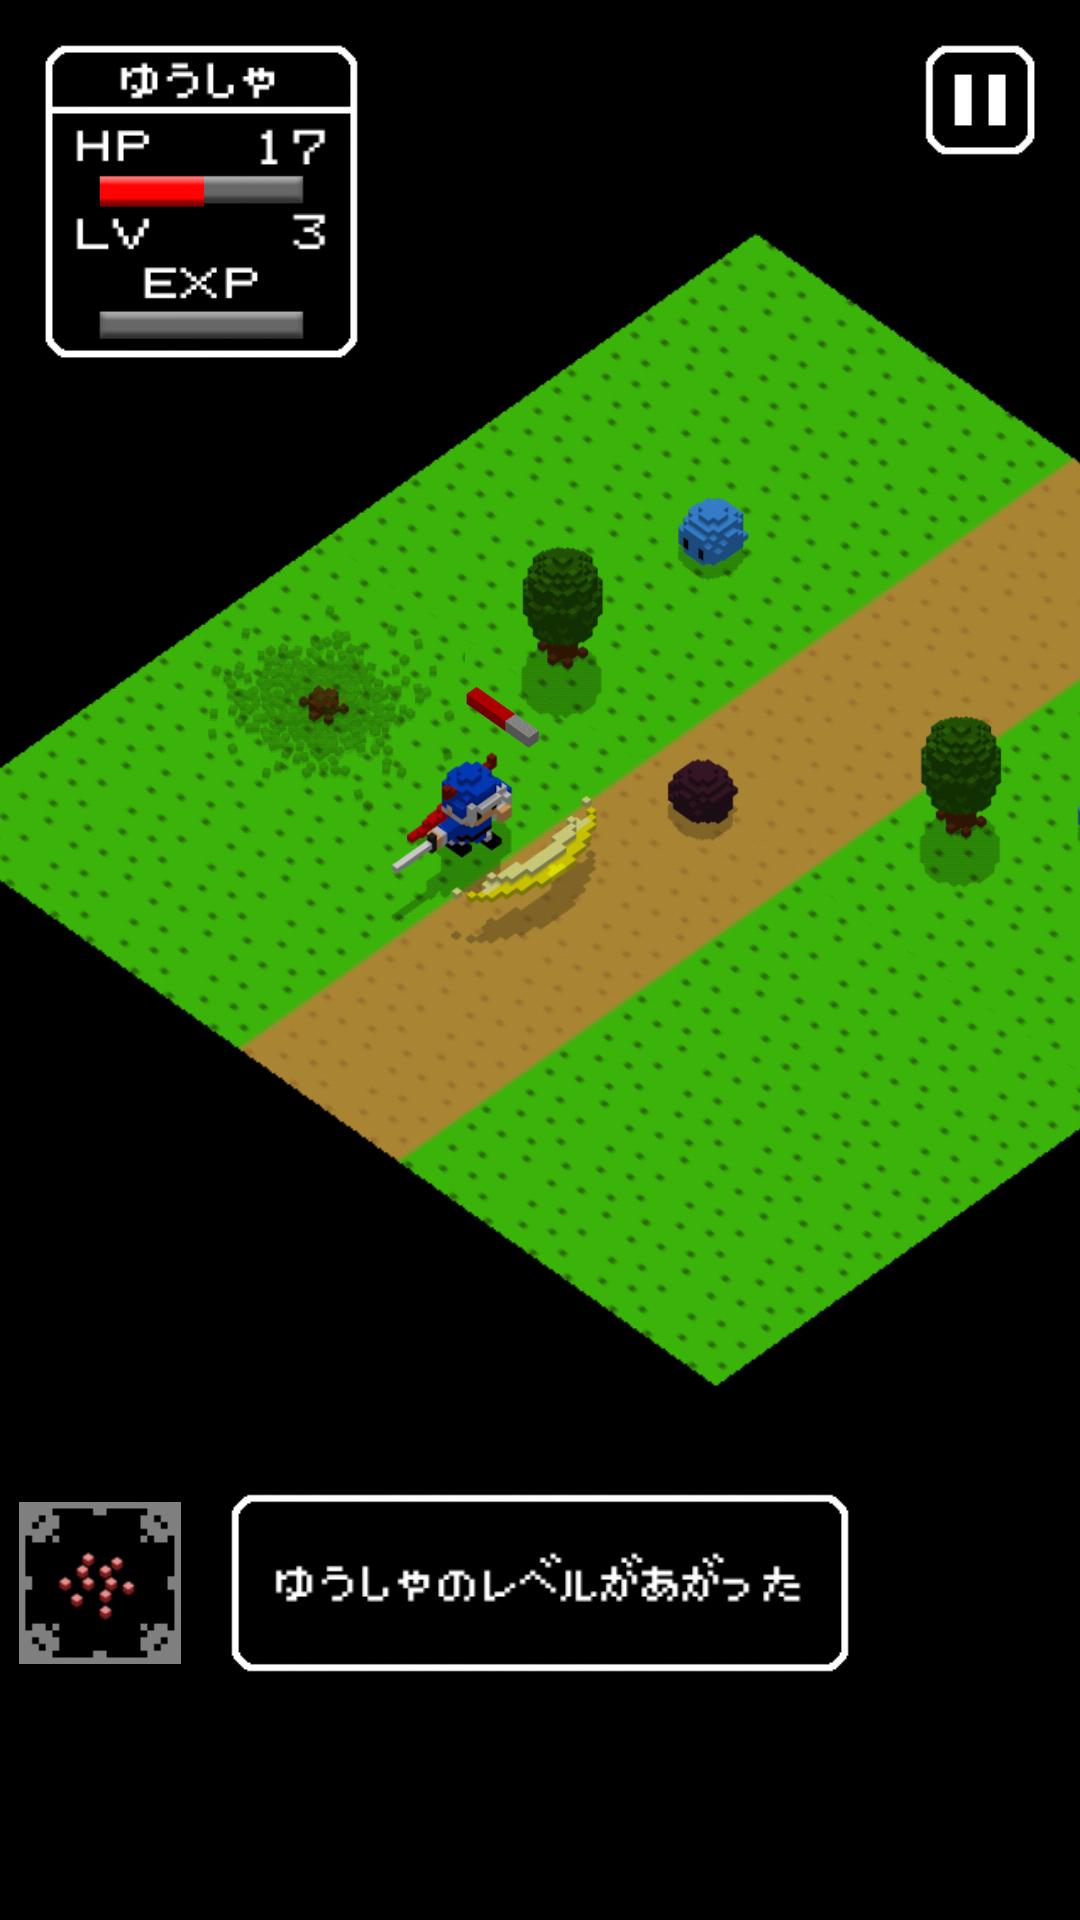 androidアプリ デーモンクエスト(Demon Quest)攻略スクリーンショット3